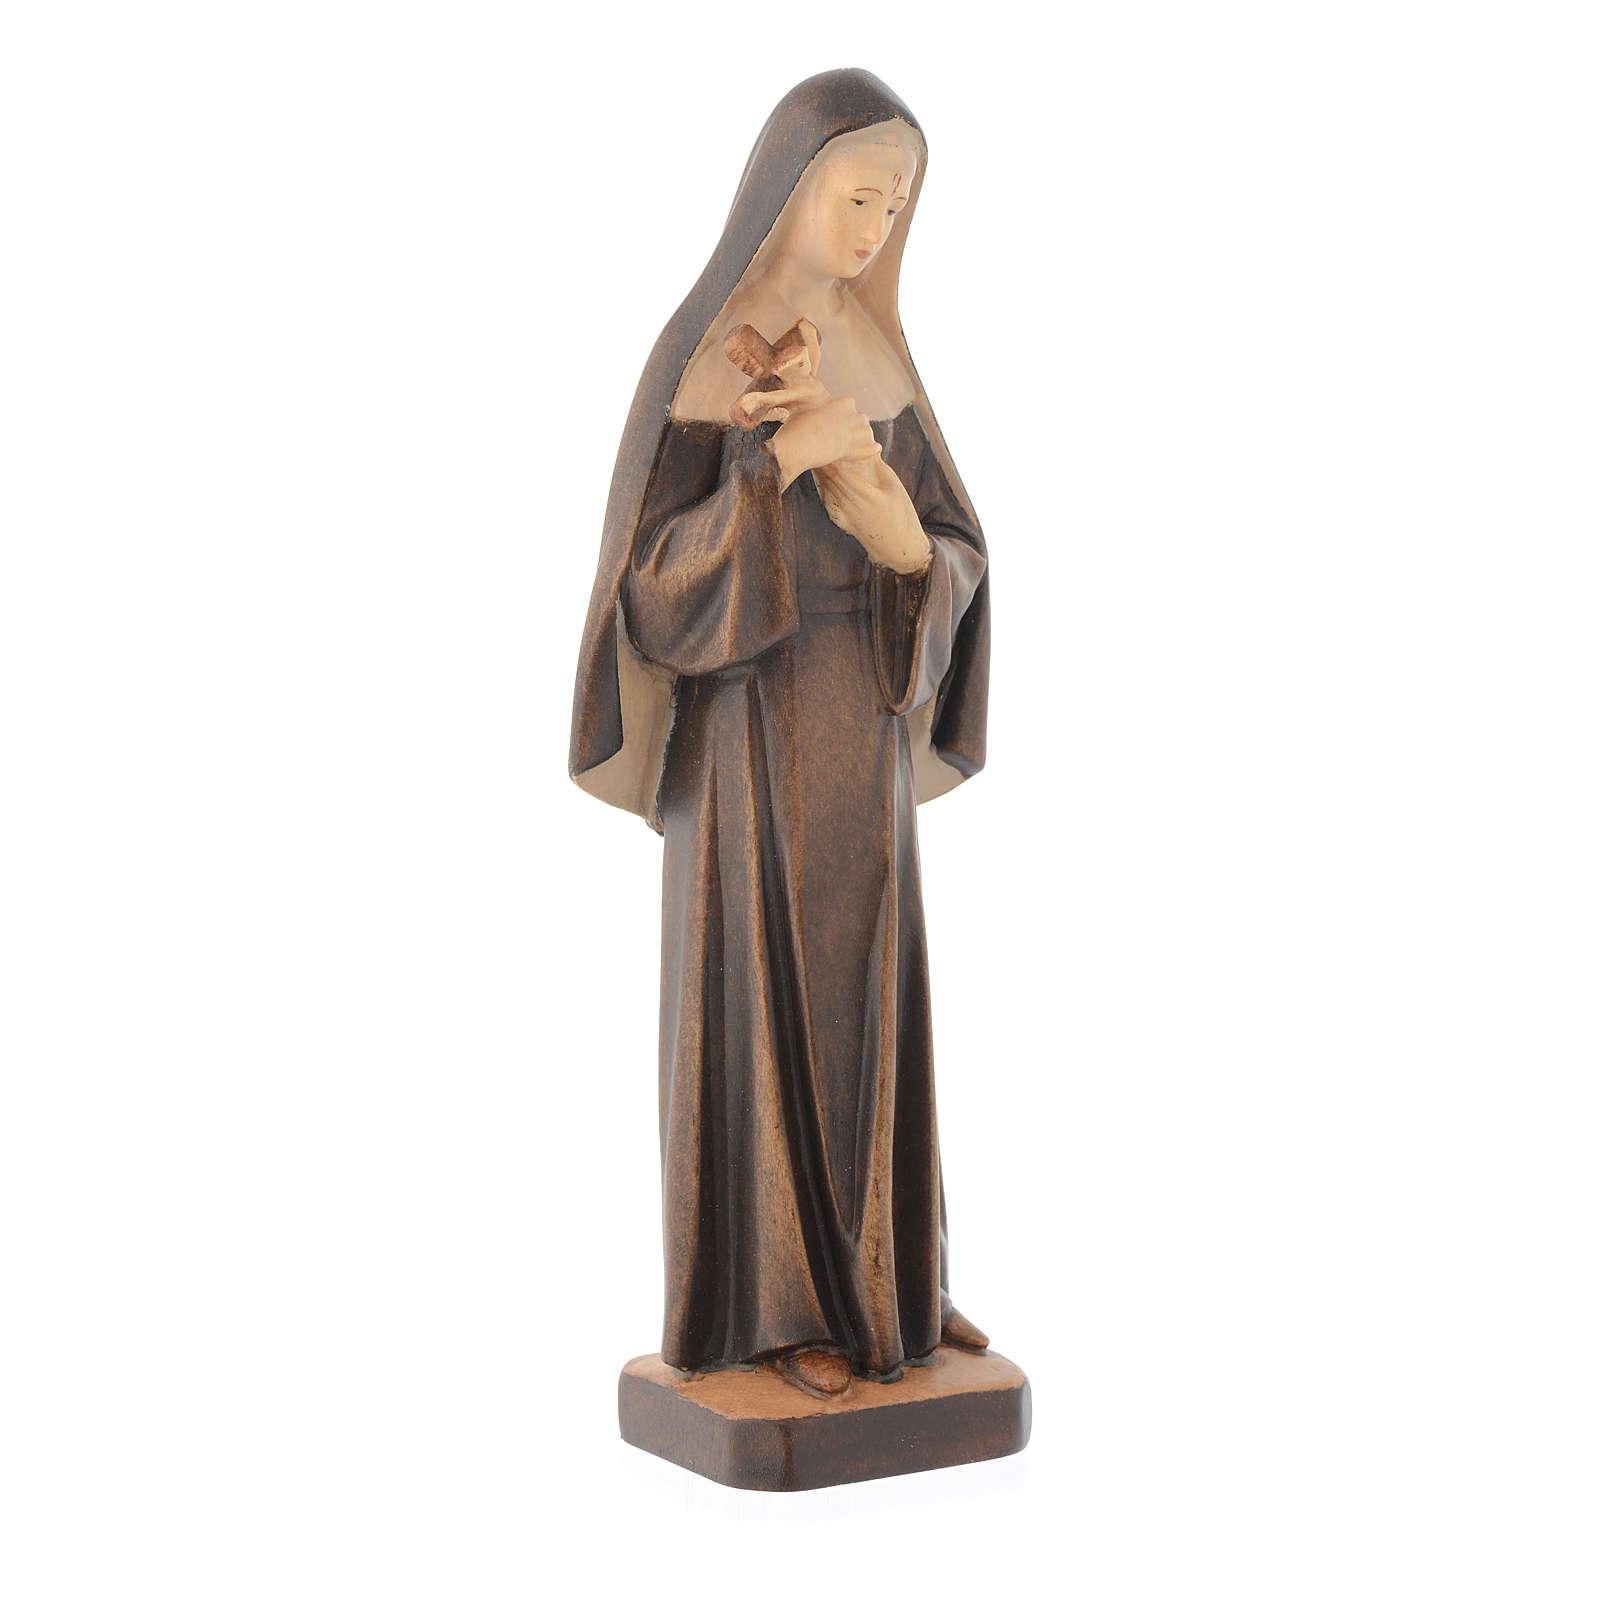 Statua Santa Rita in legno con diverse tonalità di marrone 4